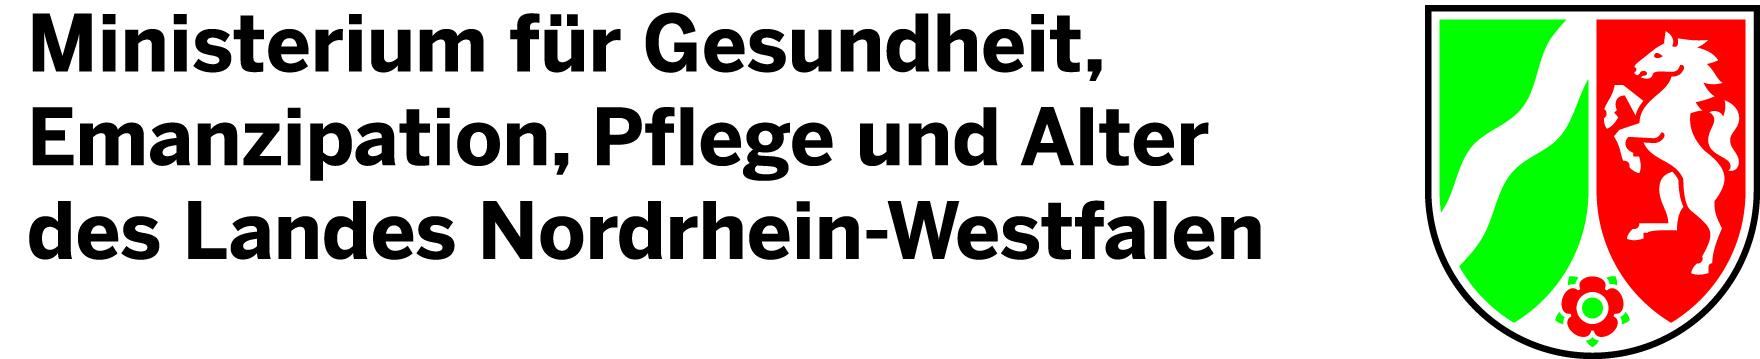 Ministerium für Gesundheit, Emanzipation, Pflege und Alter des Landes Nordrhein-Westfalen